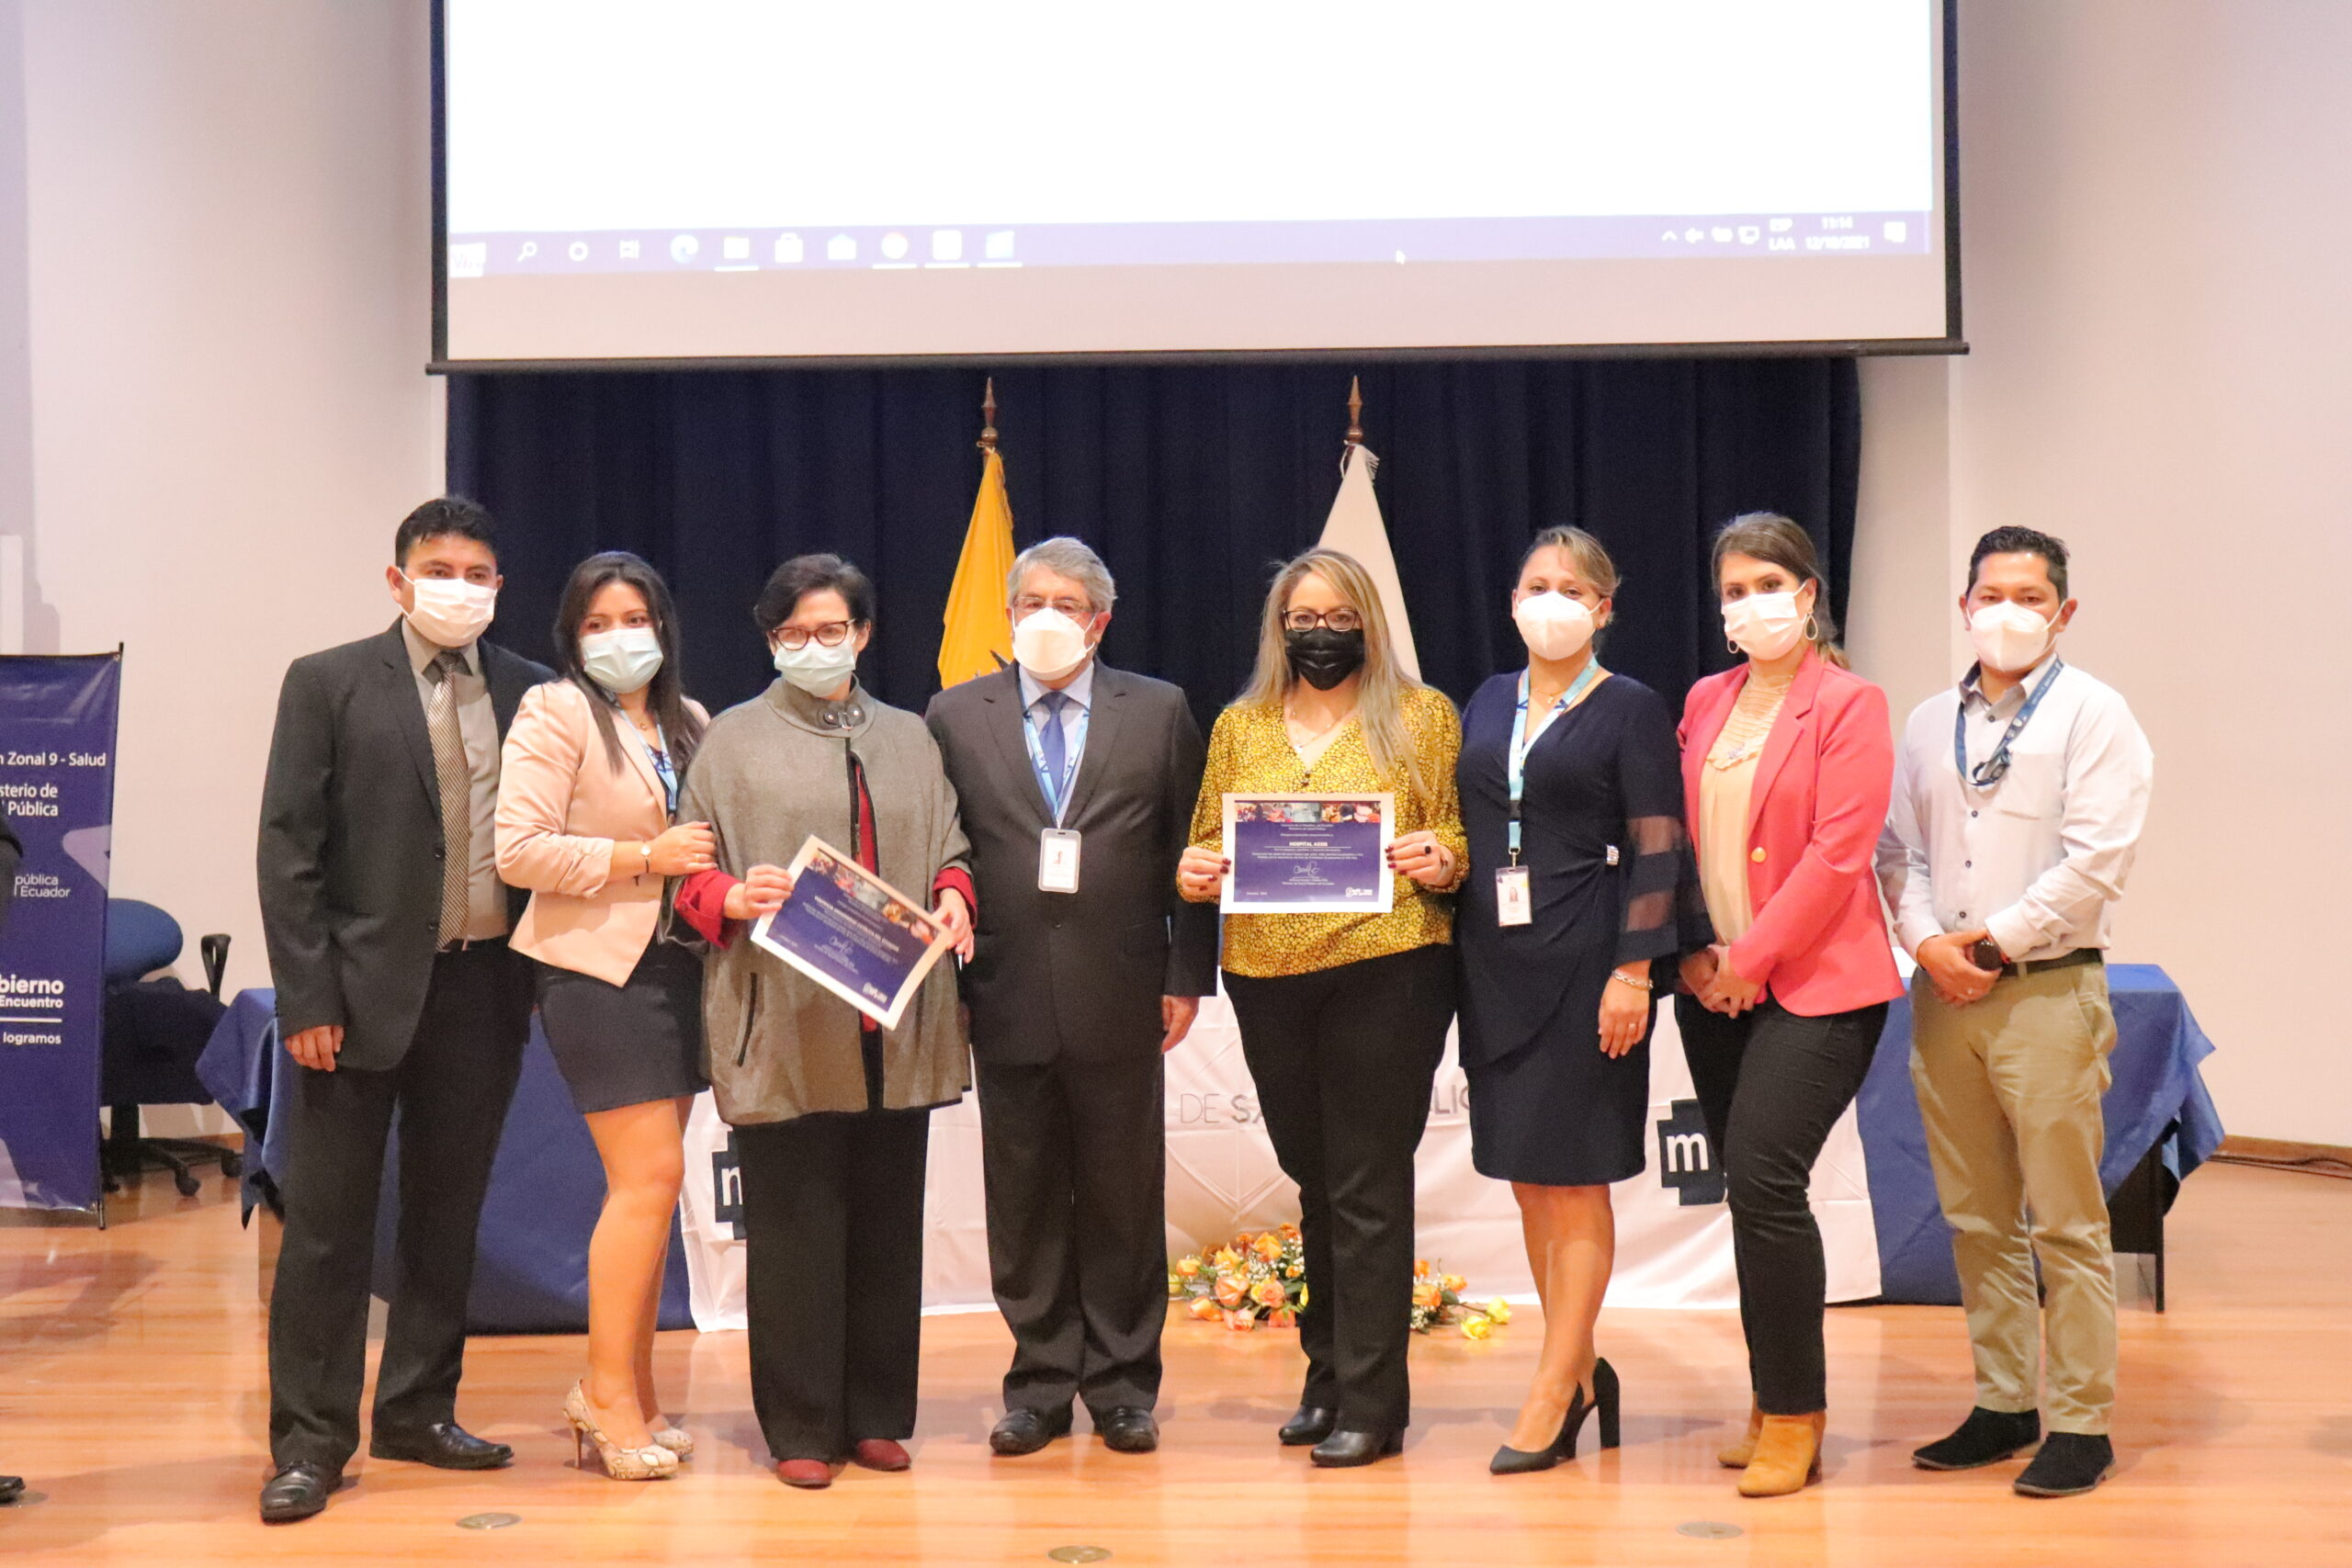 Axxis Hospital de Especialidades recibió reconocimiento por parte de Gobierno Nacional